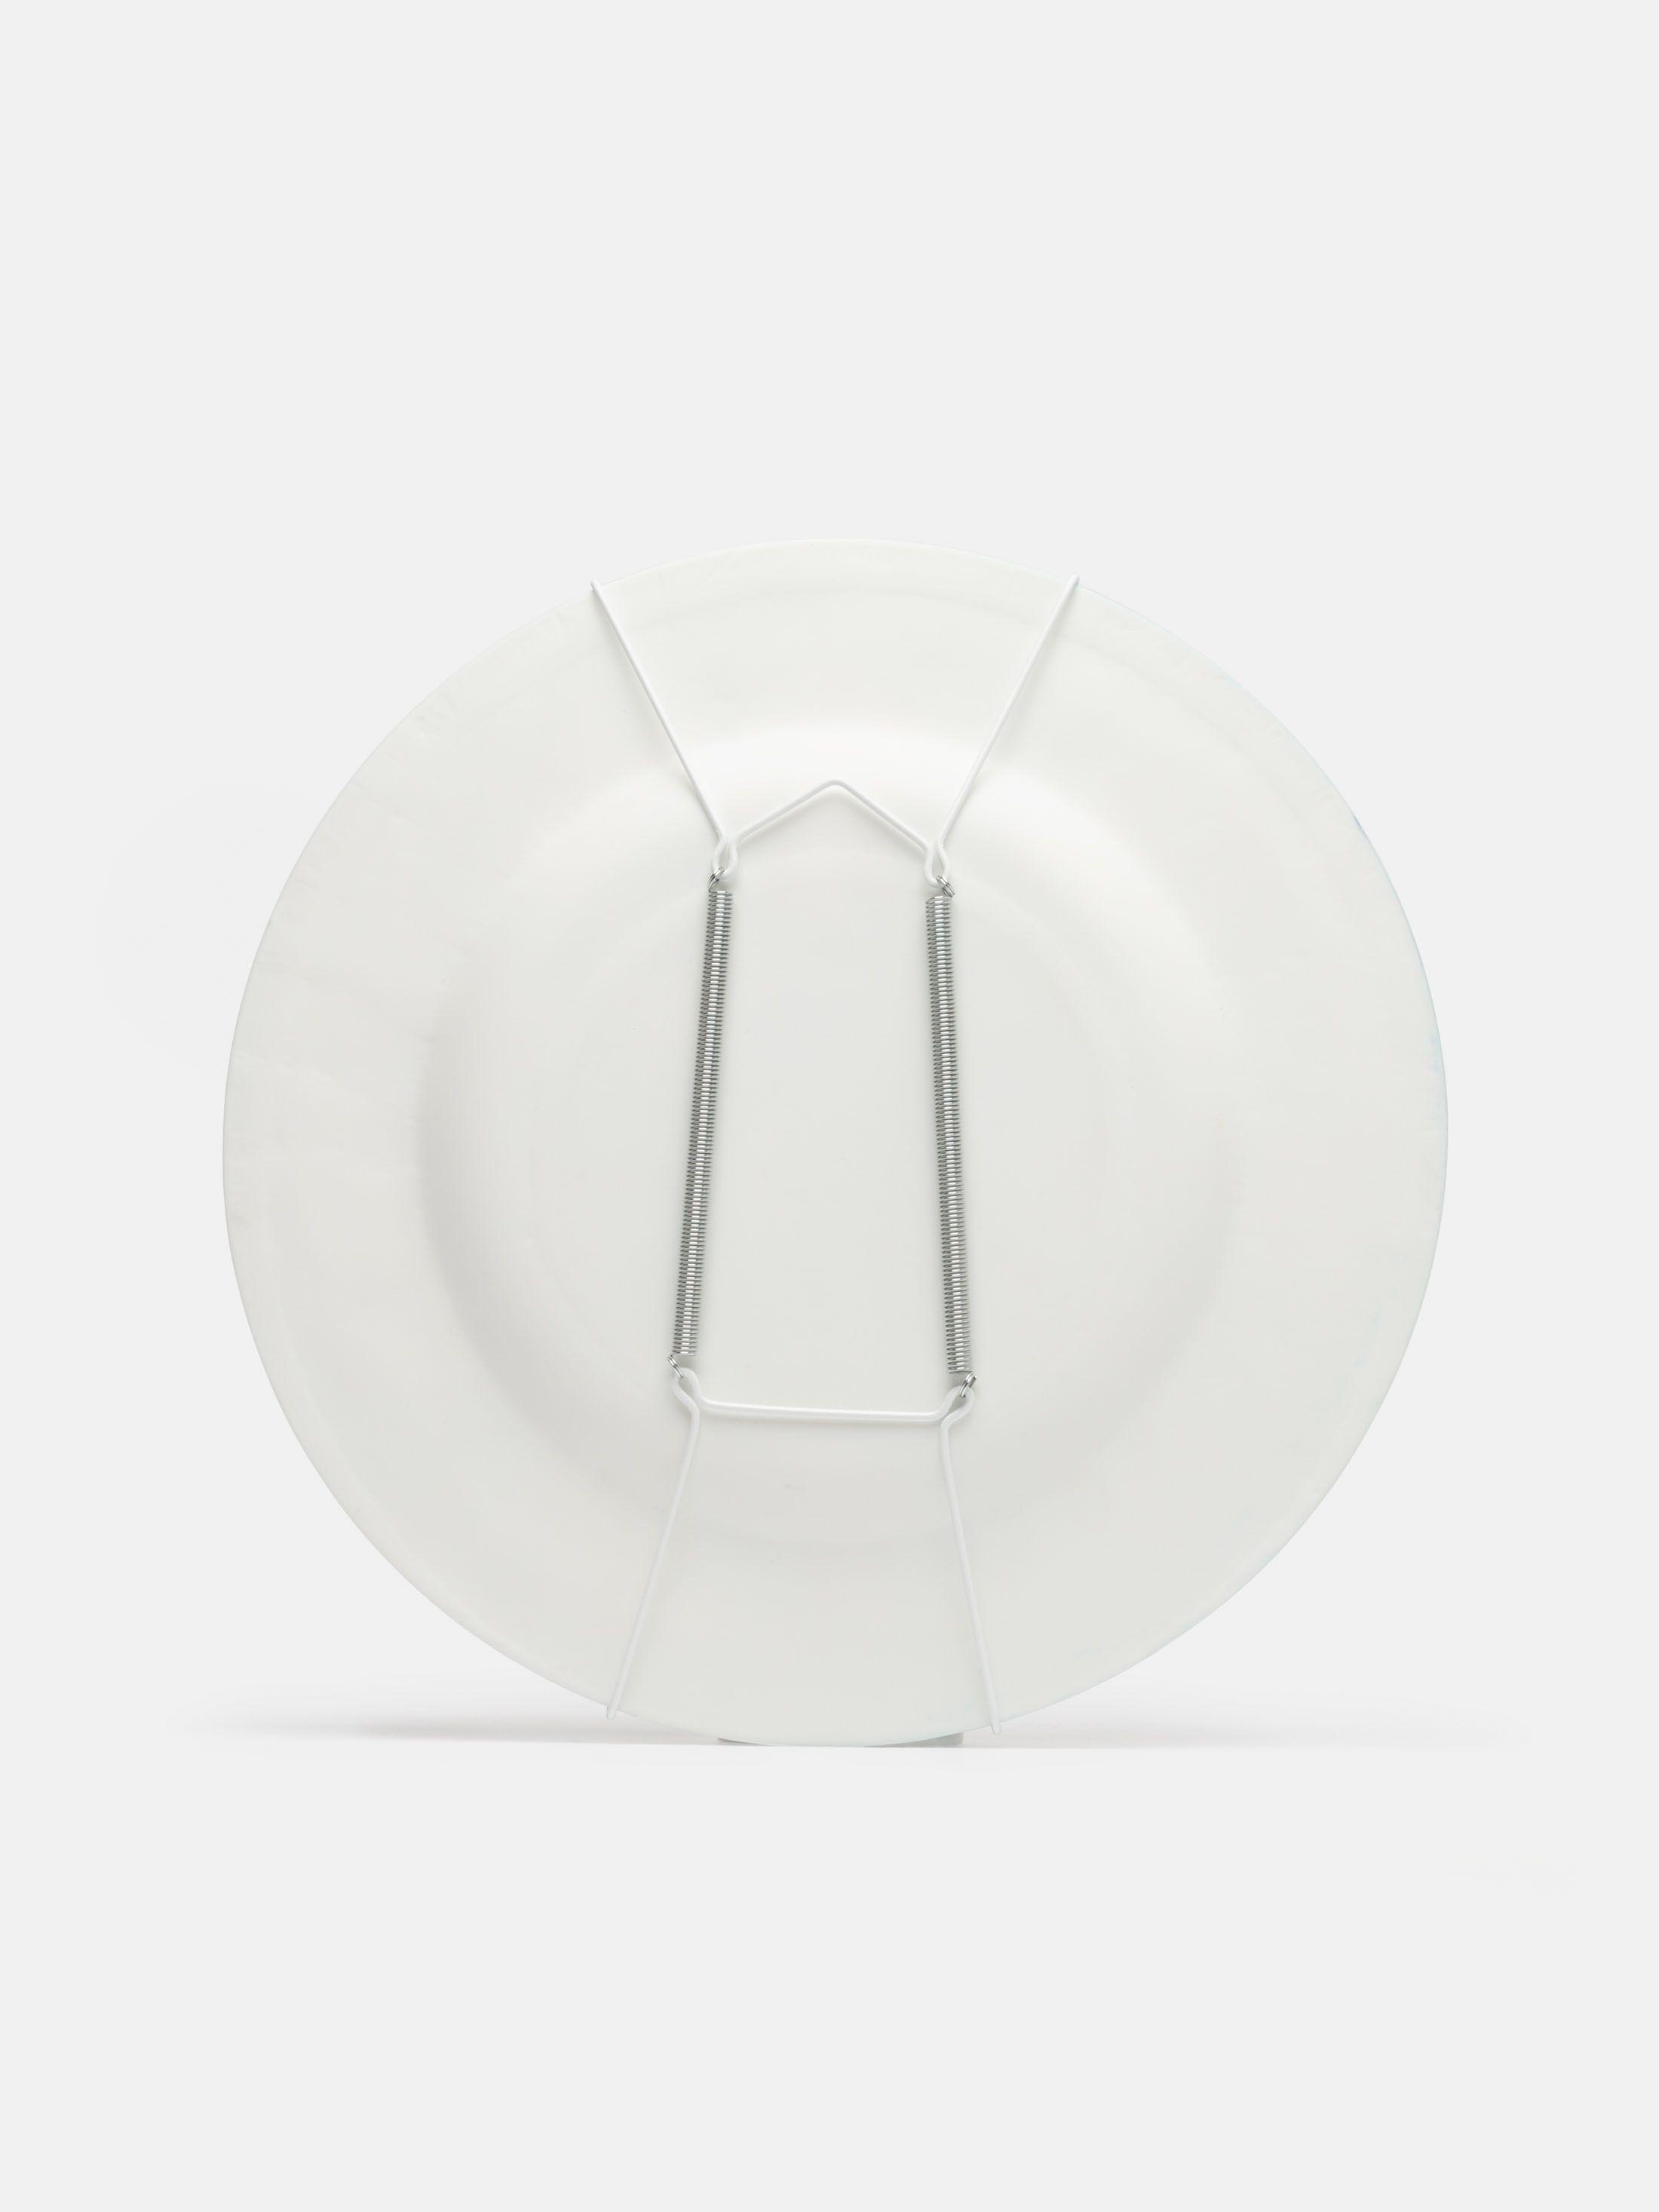 ストーンマックス製 丈夫な壁掛け皿 作成